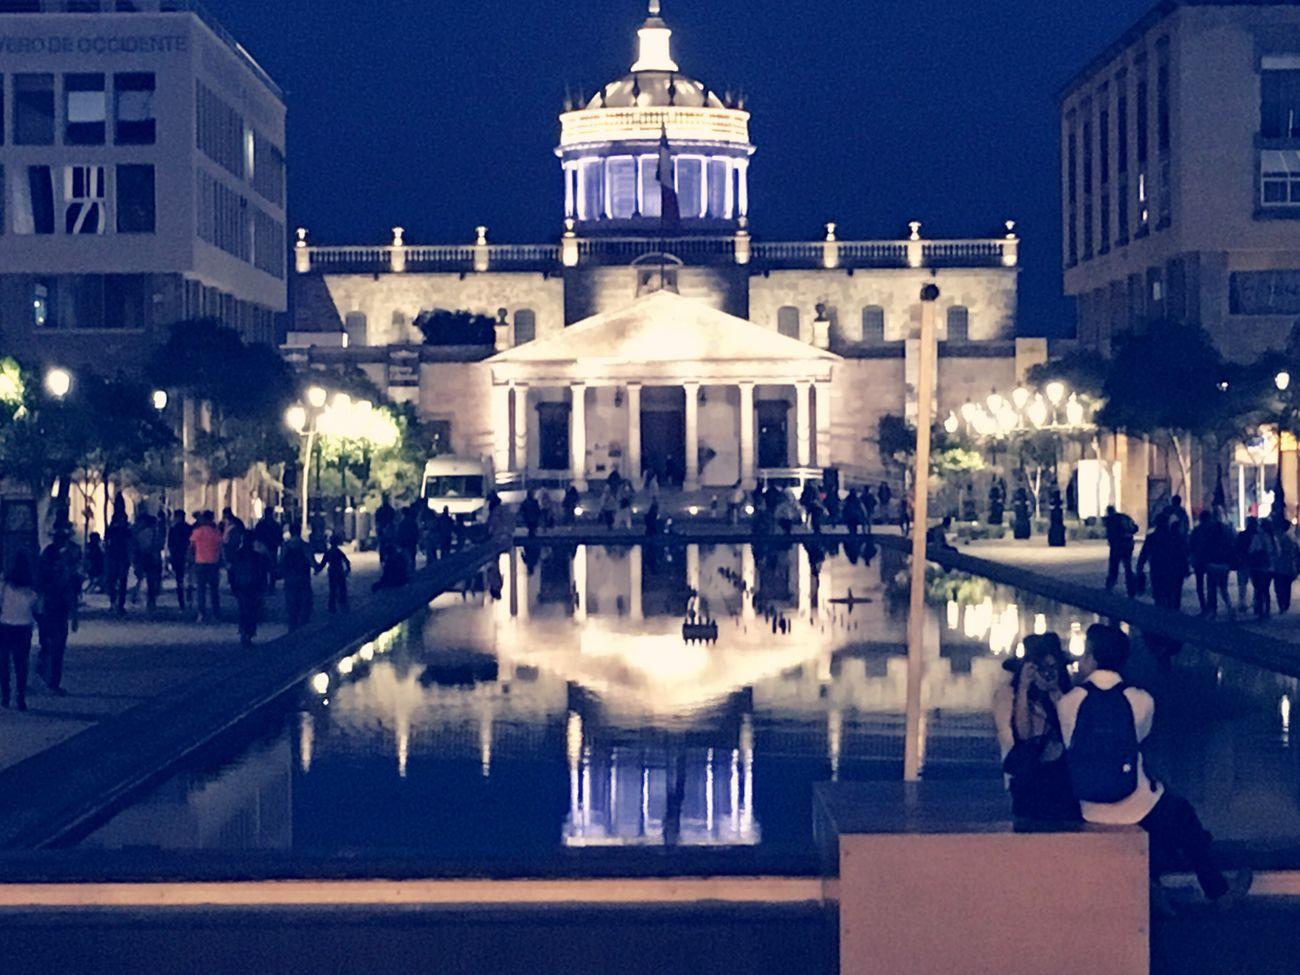 Building Exterior Architecture City Night Travel Destinations People Reflection Disfrutando De La Vida